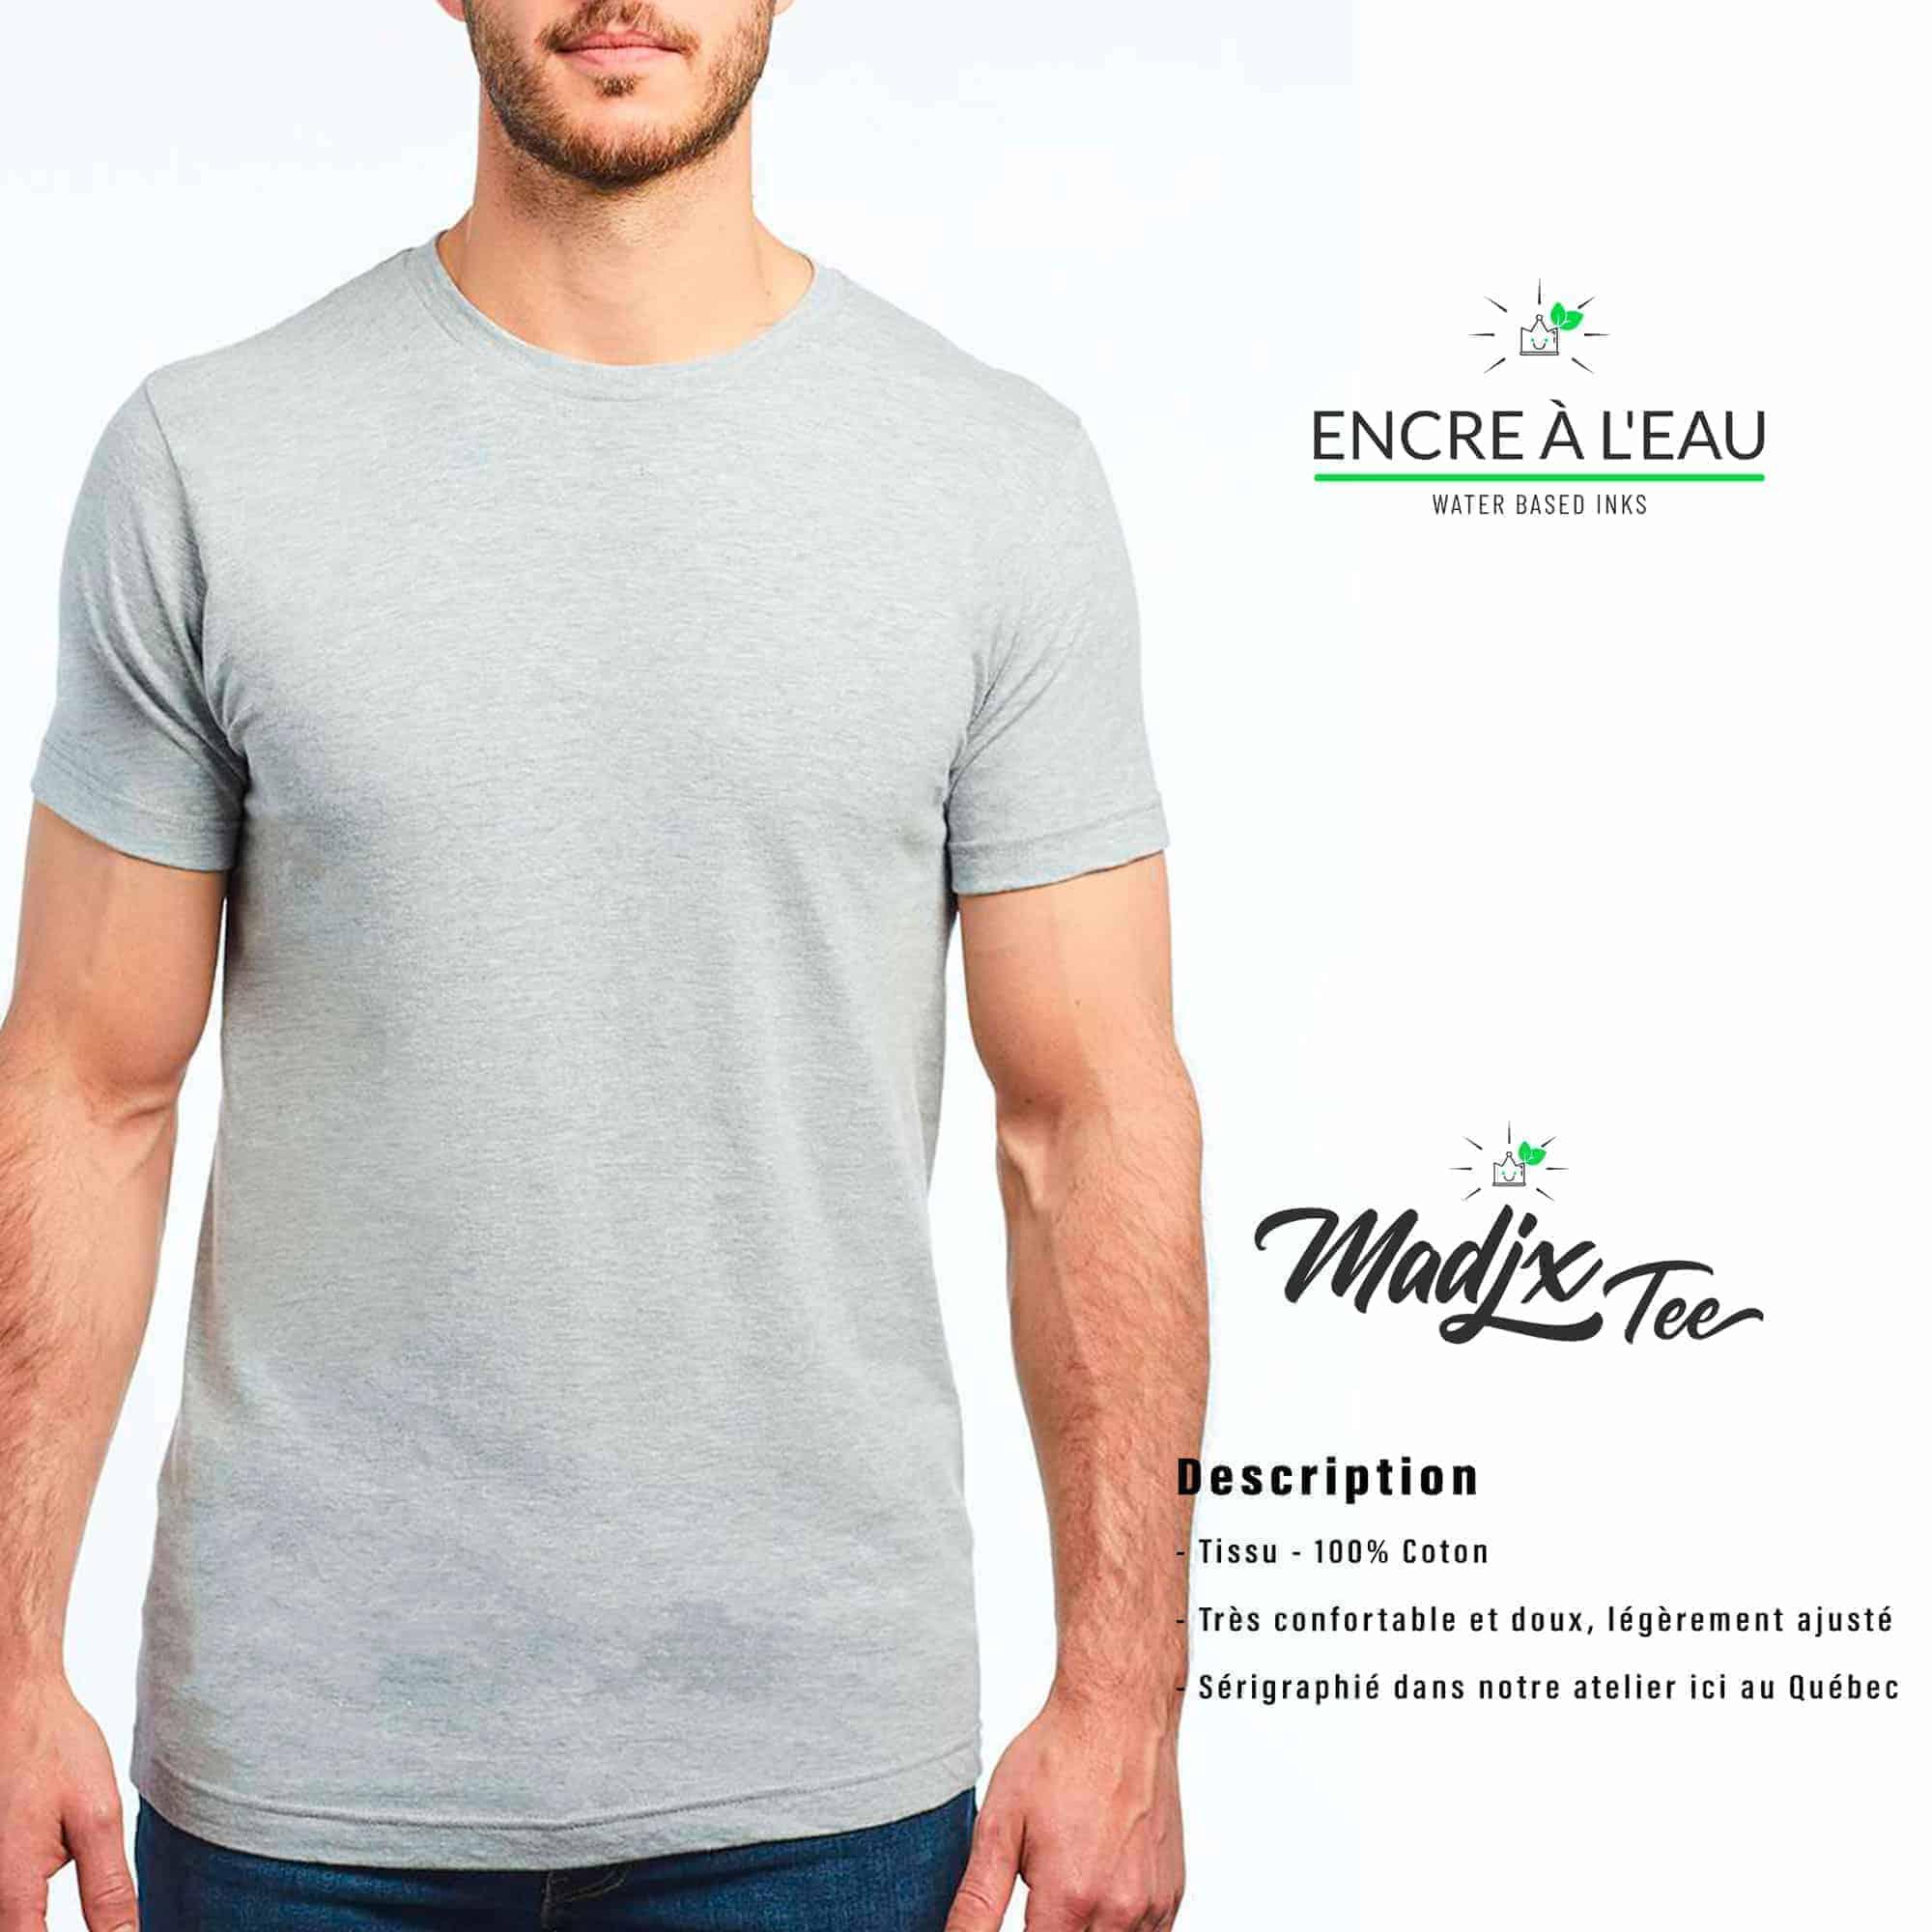 #çavabienaller t-shirt pour homme 3